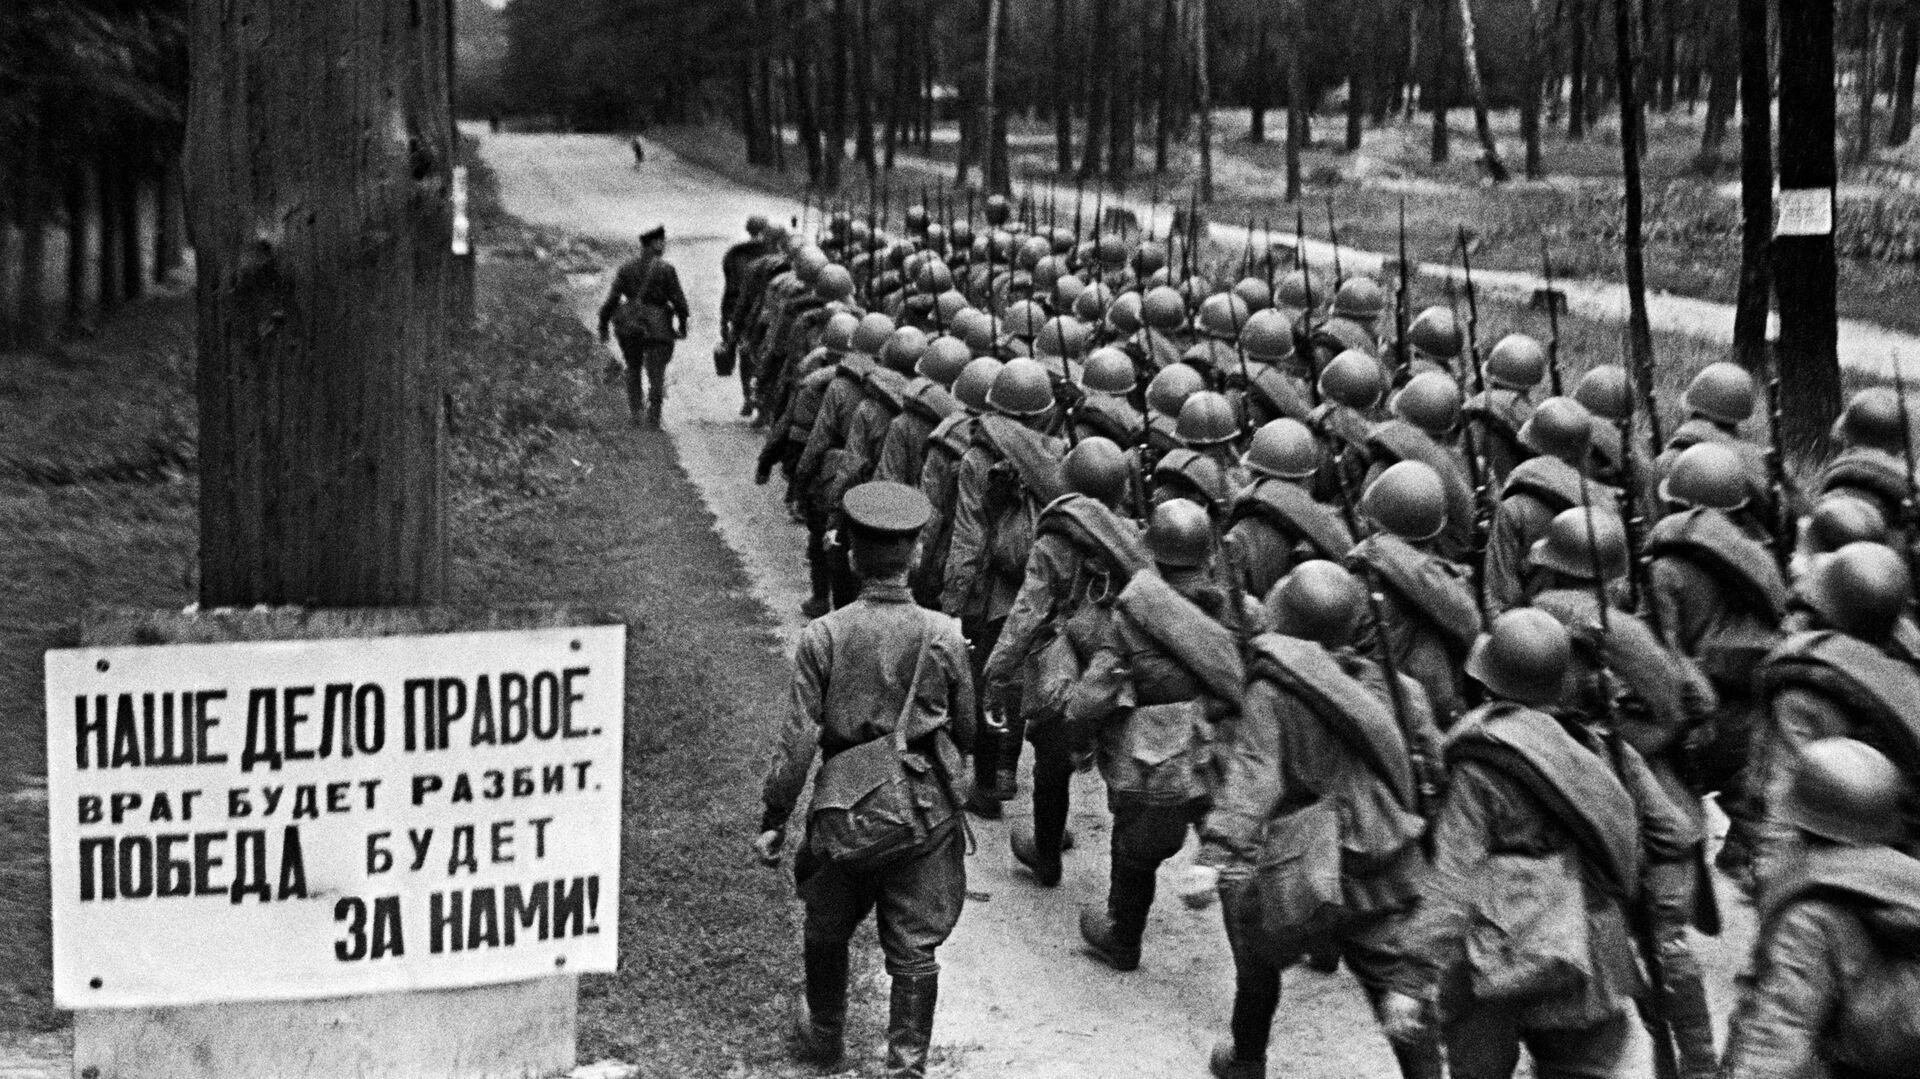 Колонны бойцов движутся на фронт. Москва. 23 июня 1941  - РИА Новости, 1920, 21.06.2021